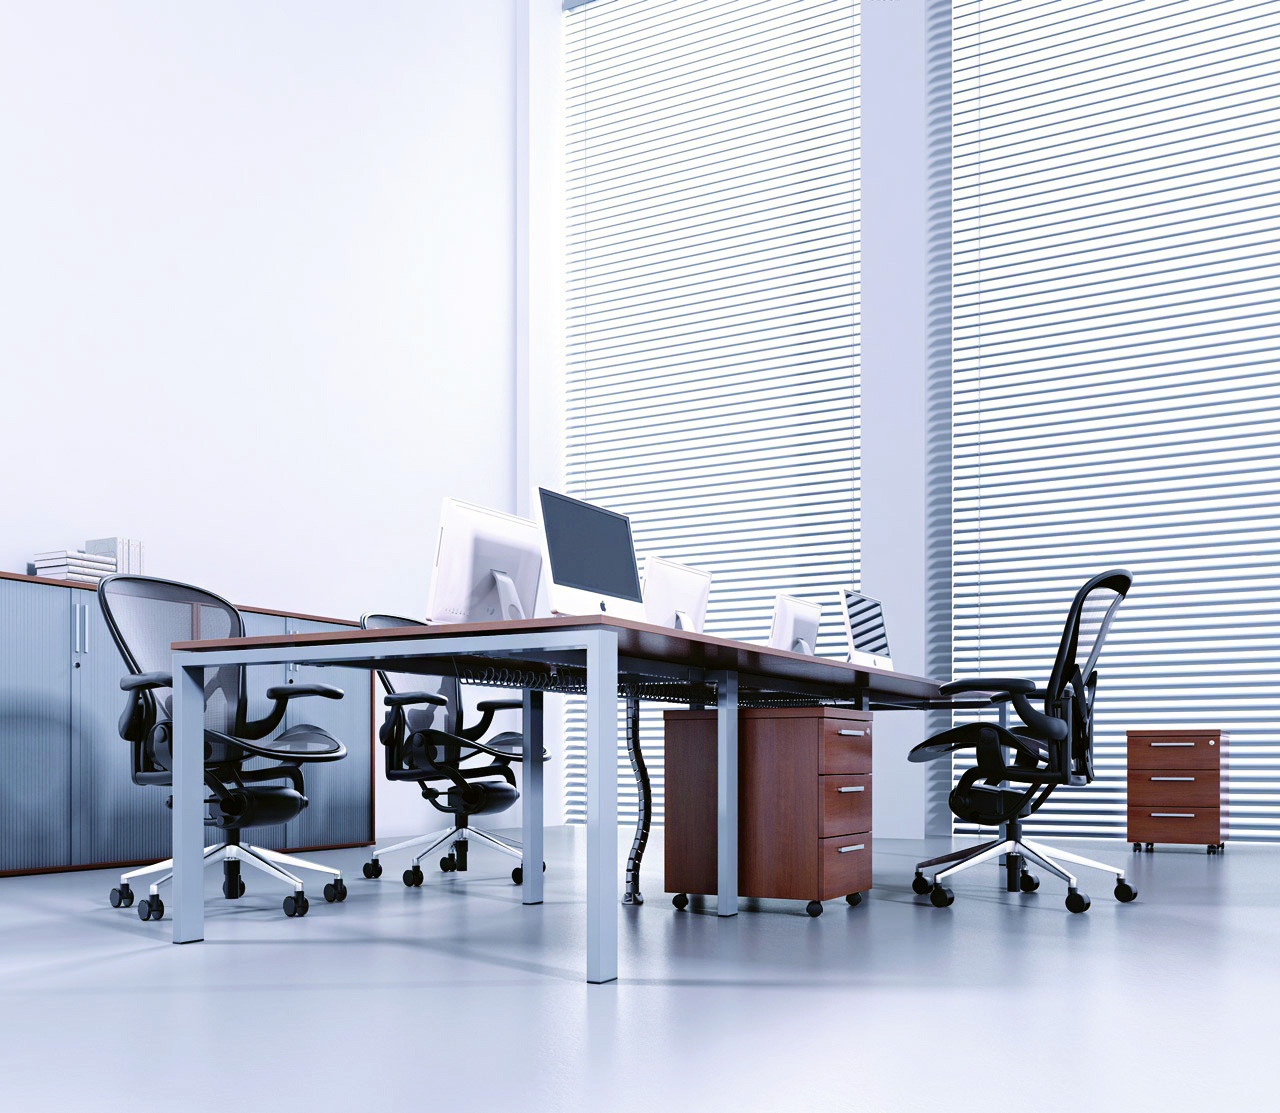 Nowoczesne meble gabinetowe PROFIL, system mebli gabinetowych PROFIL, biurka gabinetowe PROFIL